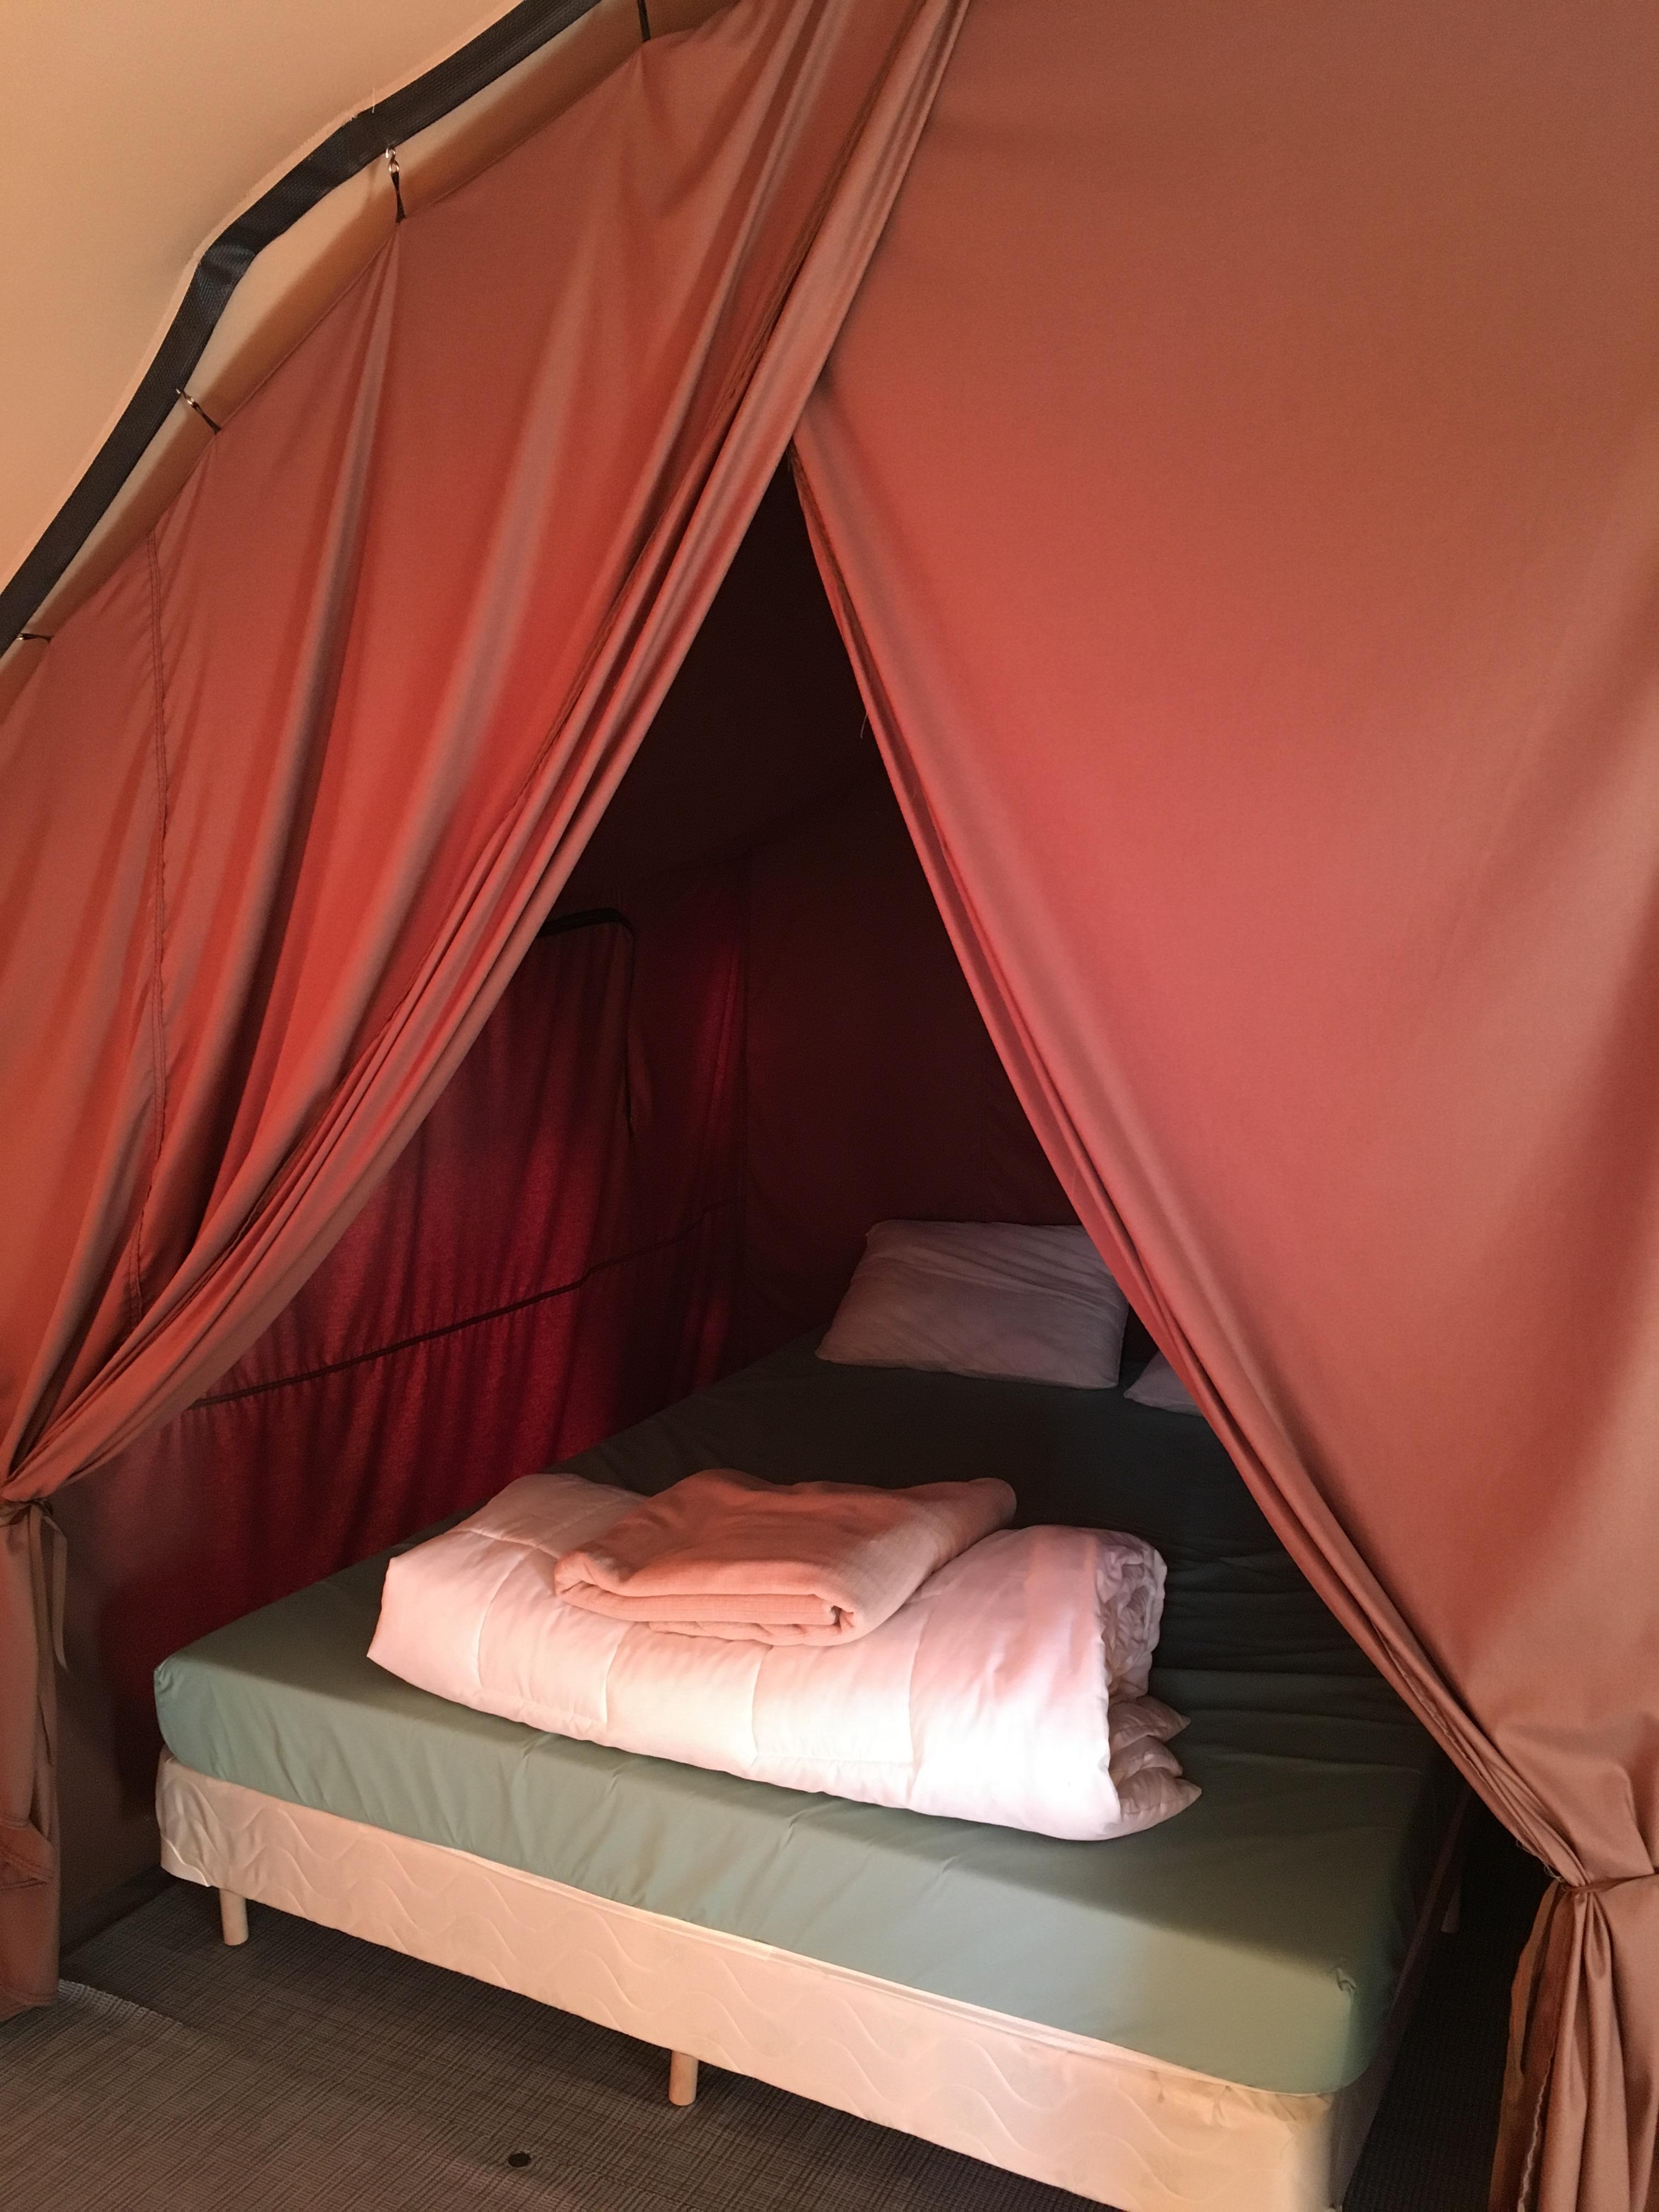 Huttopia Tent Bedroom